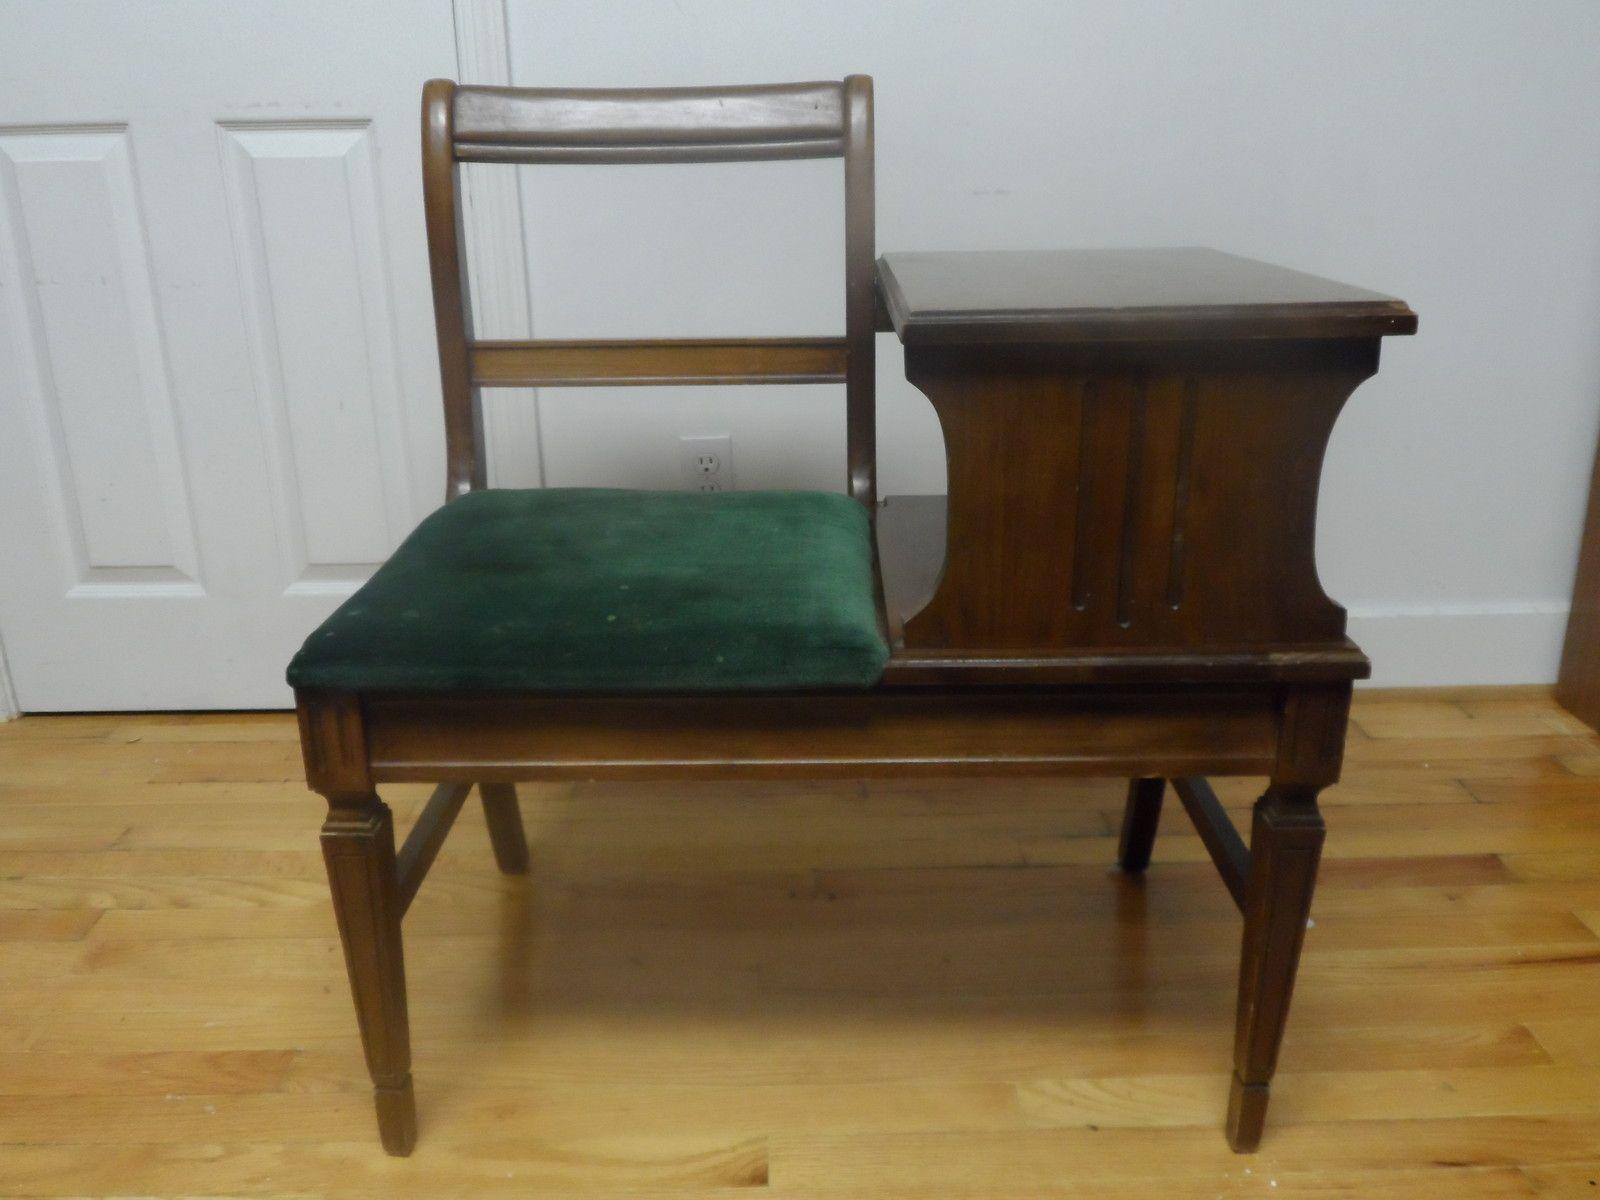 Vintage Telephone Tables   GUIDE VINTAGE FURNITURE